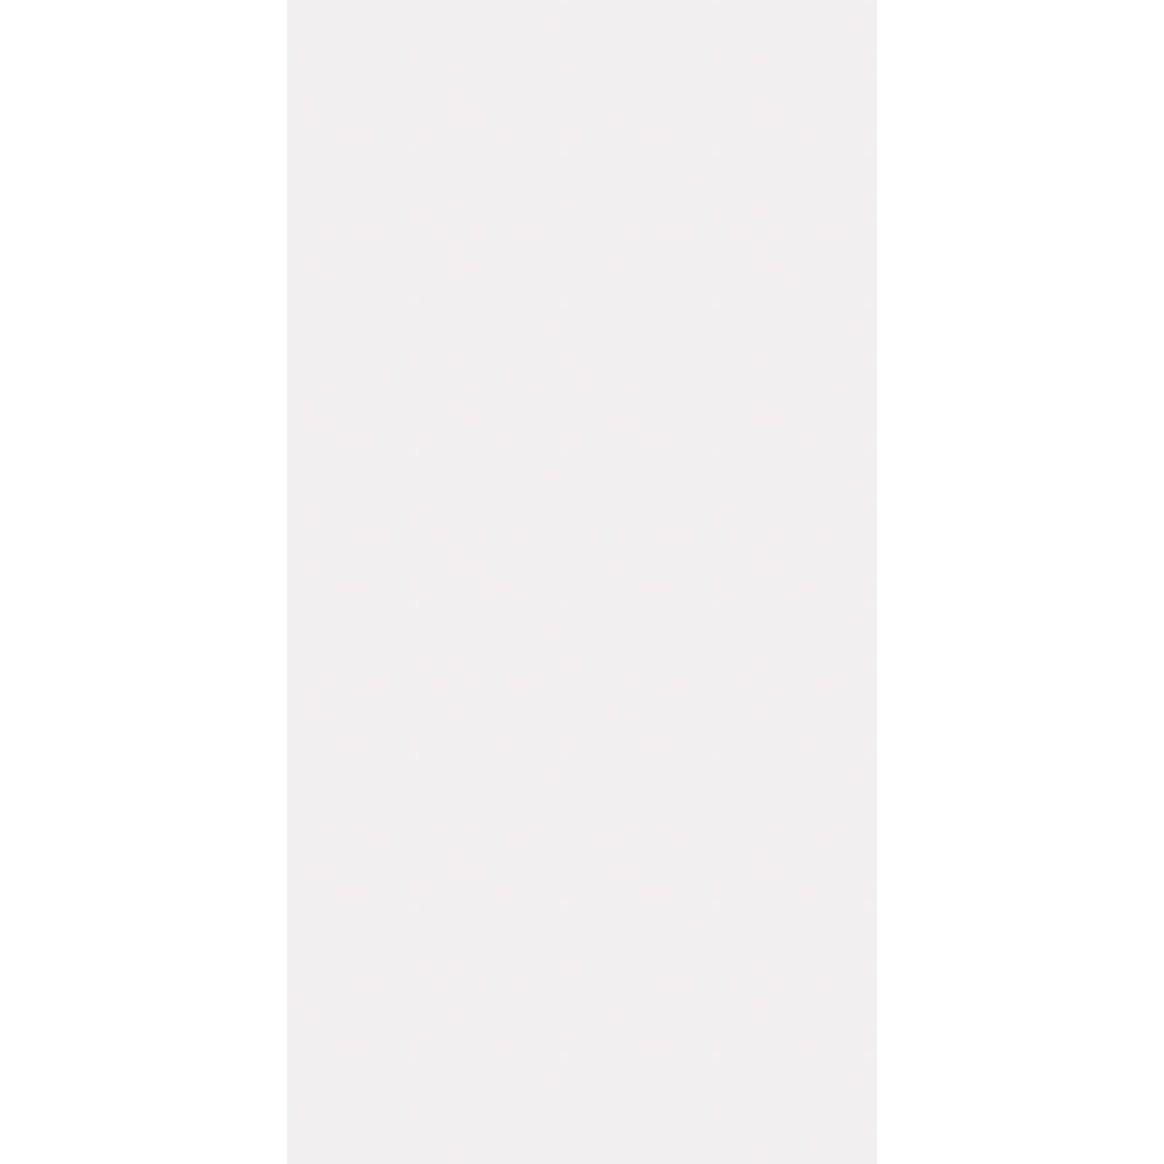 Revestimento Tipo A Esmaltado 37x74cm 192 m - MP37050 - Tecnogres